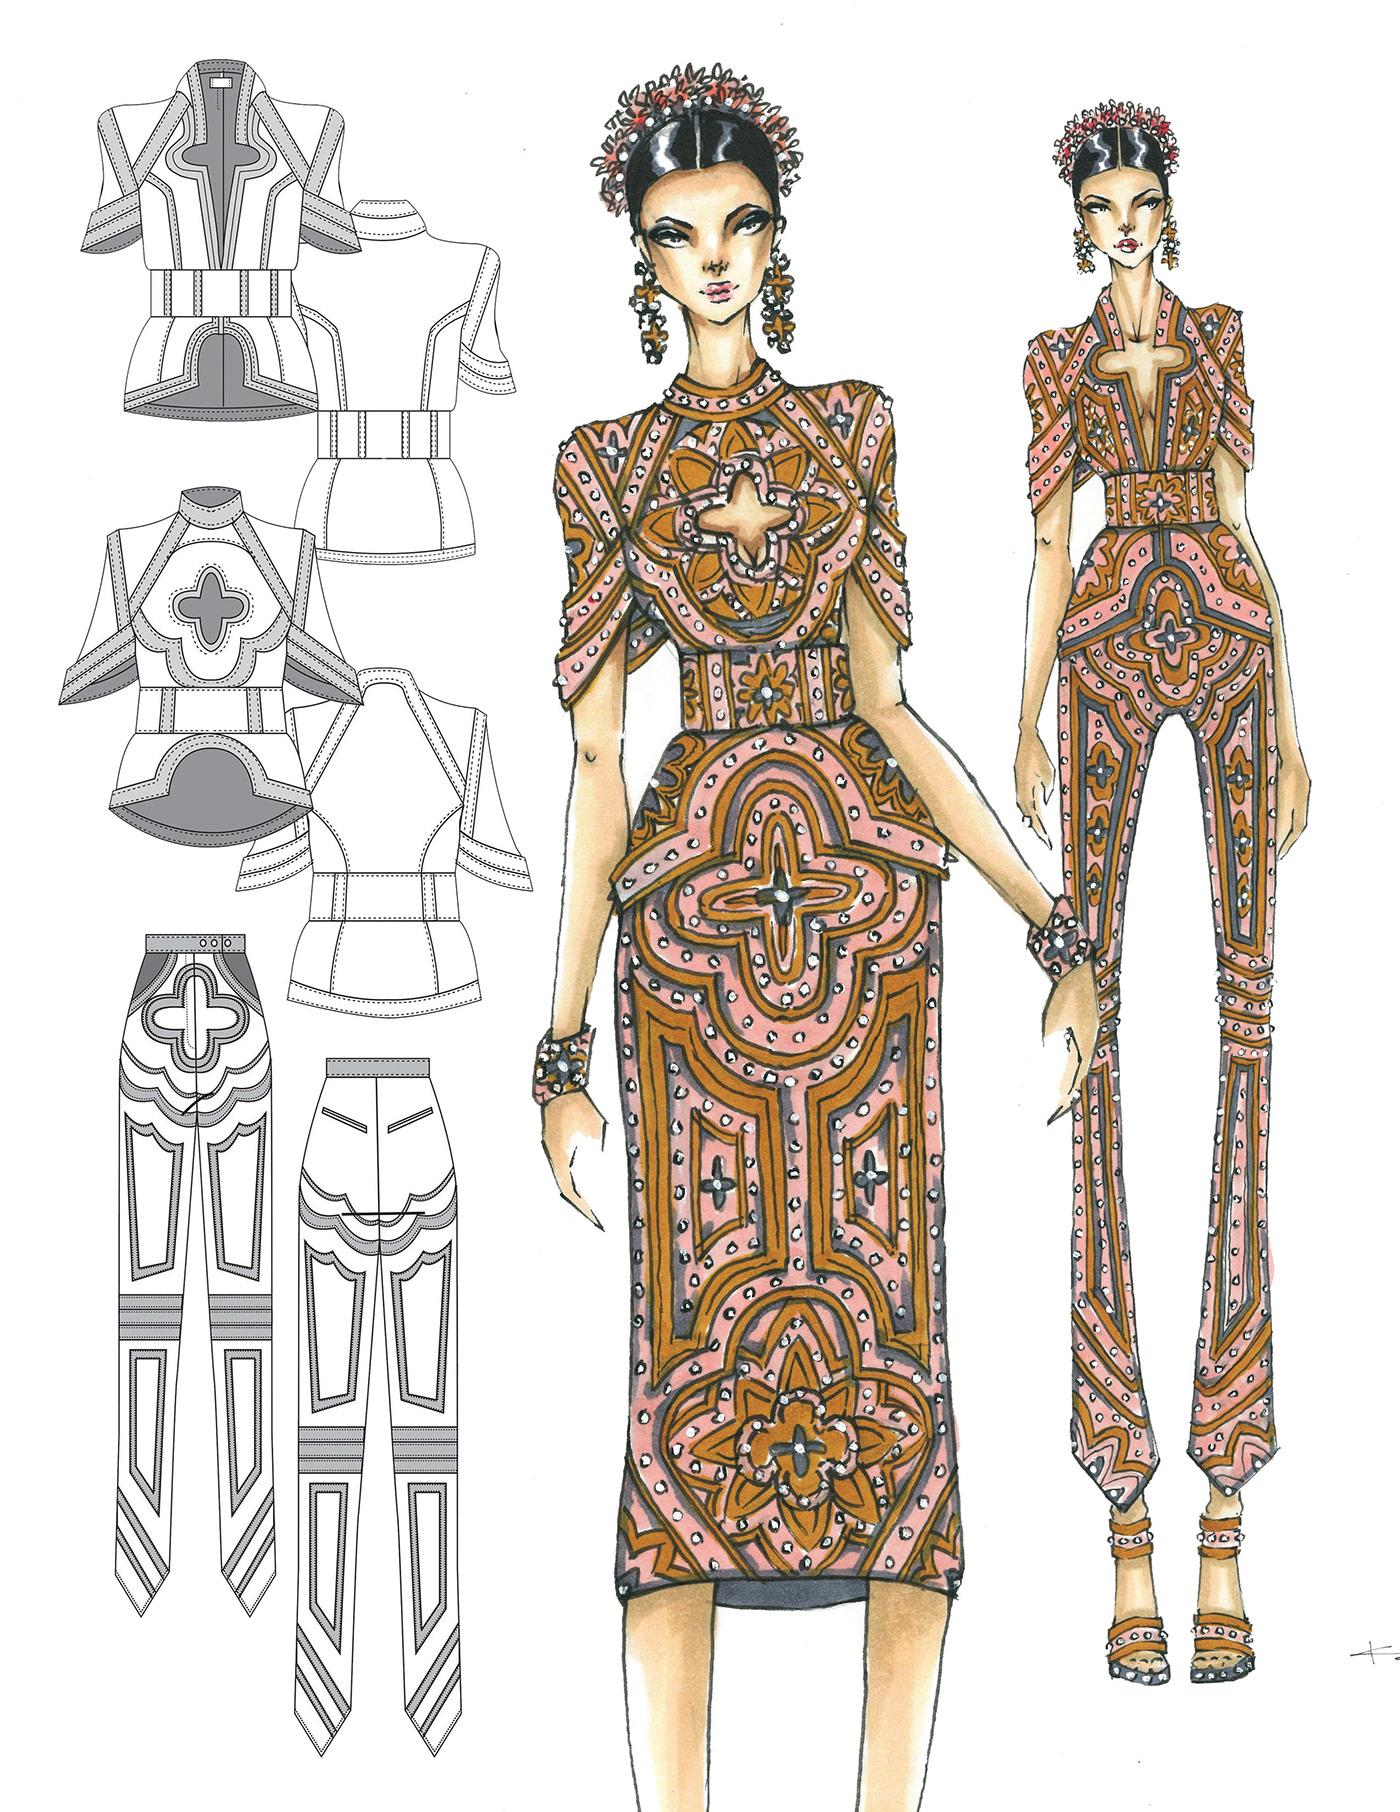 優秀的35張衣服設計圖欣賞